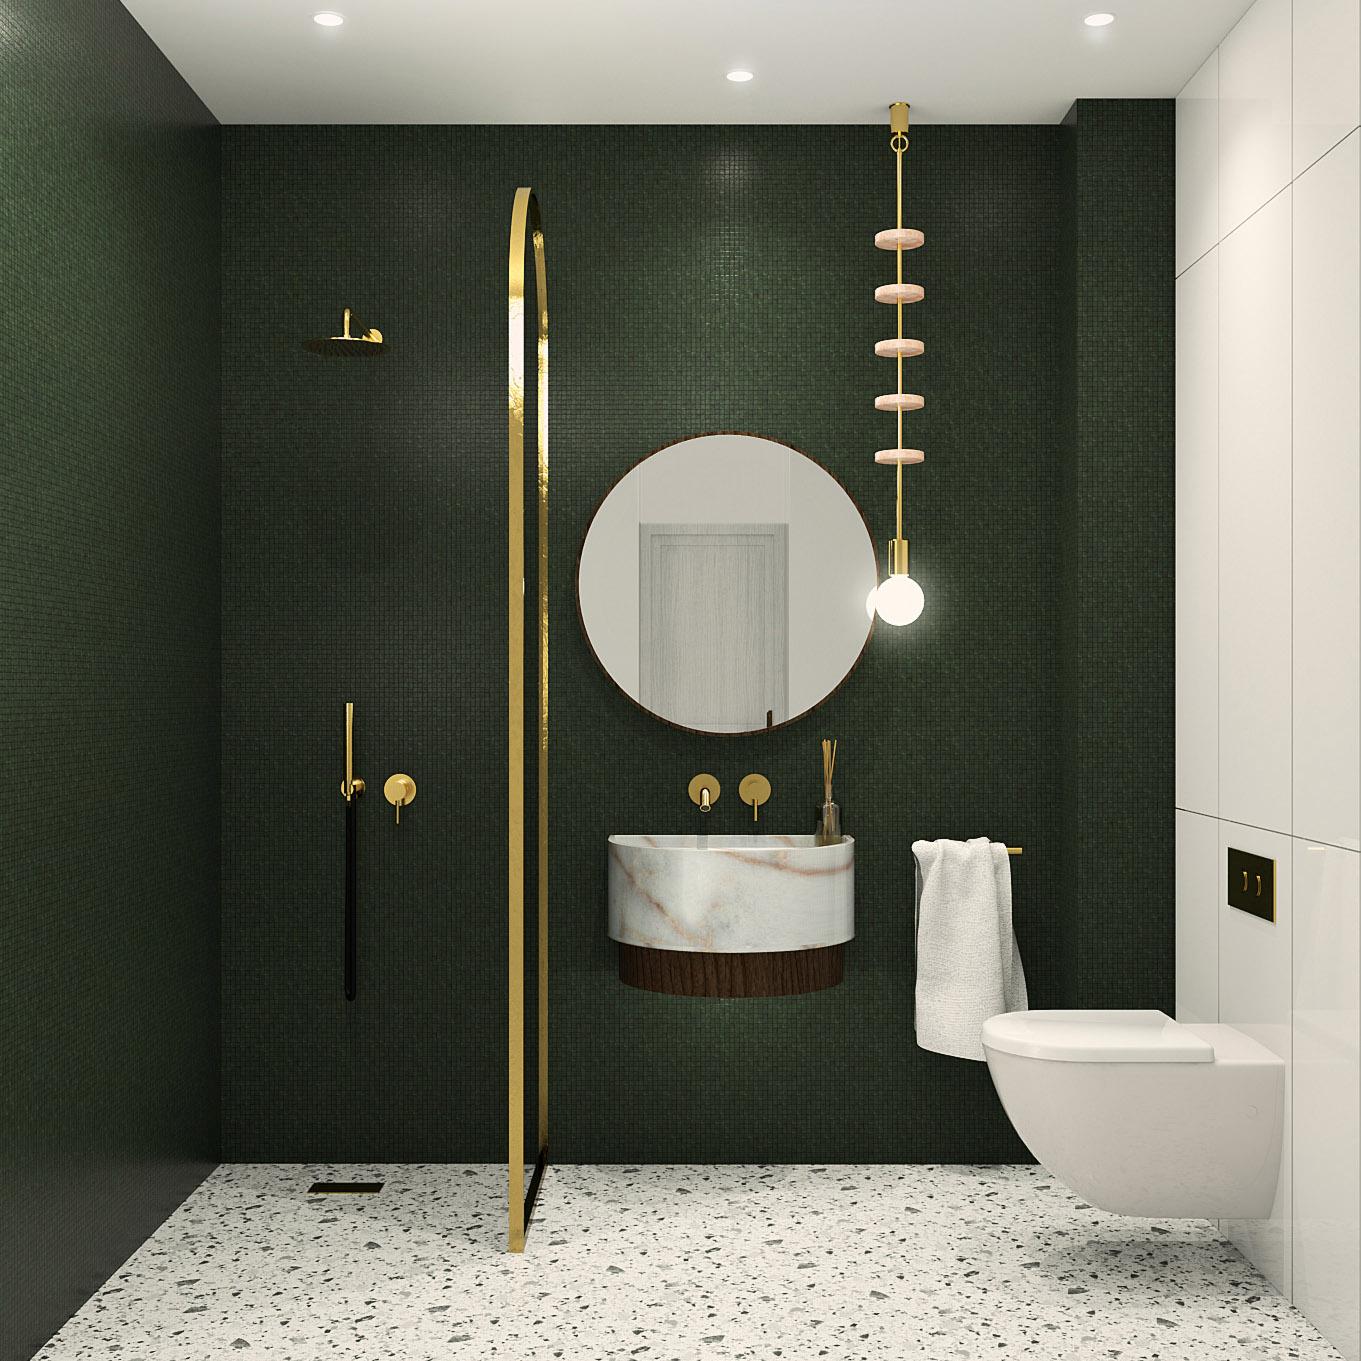 salle d'eau, avec douche et toilettes, décoration